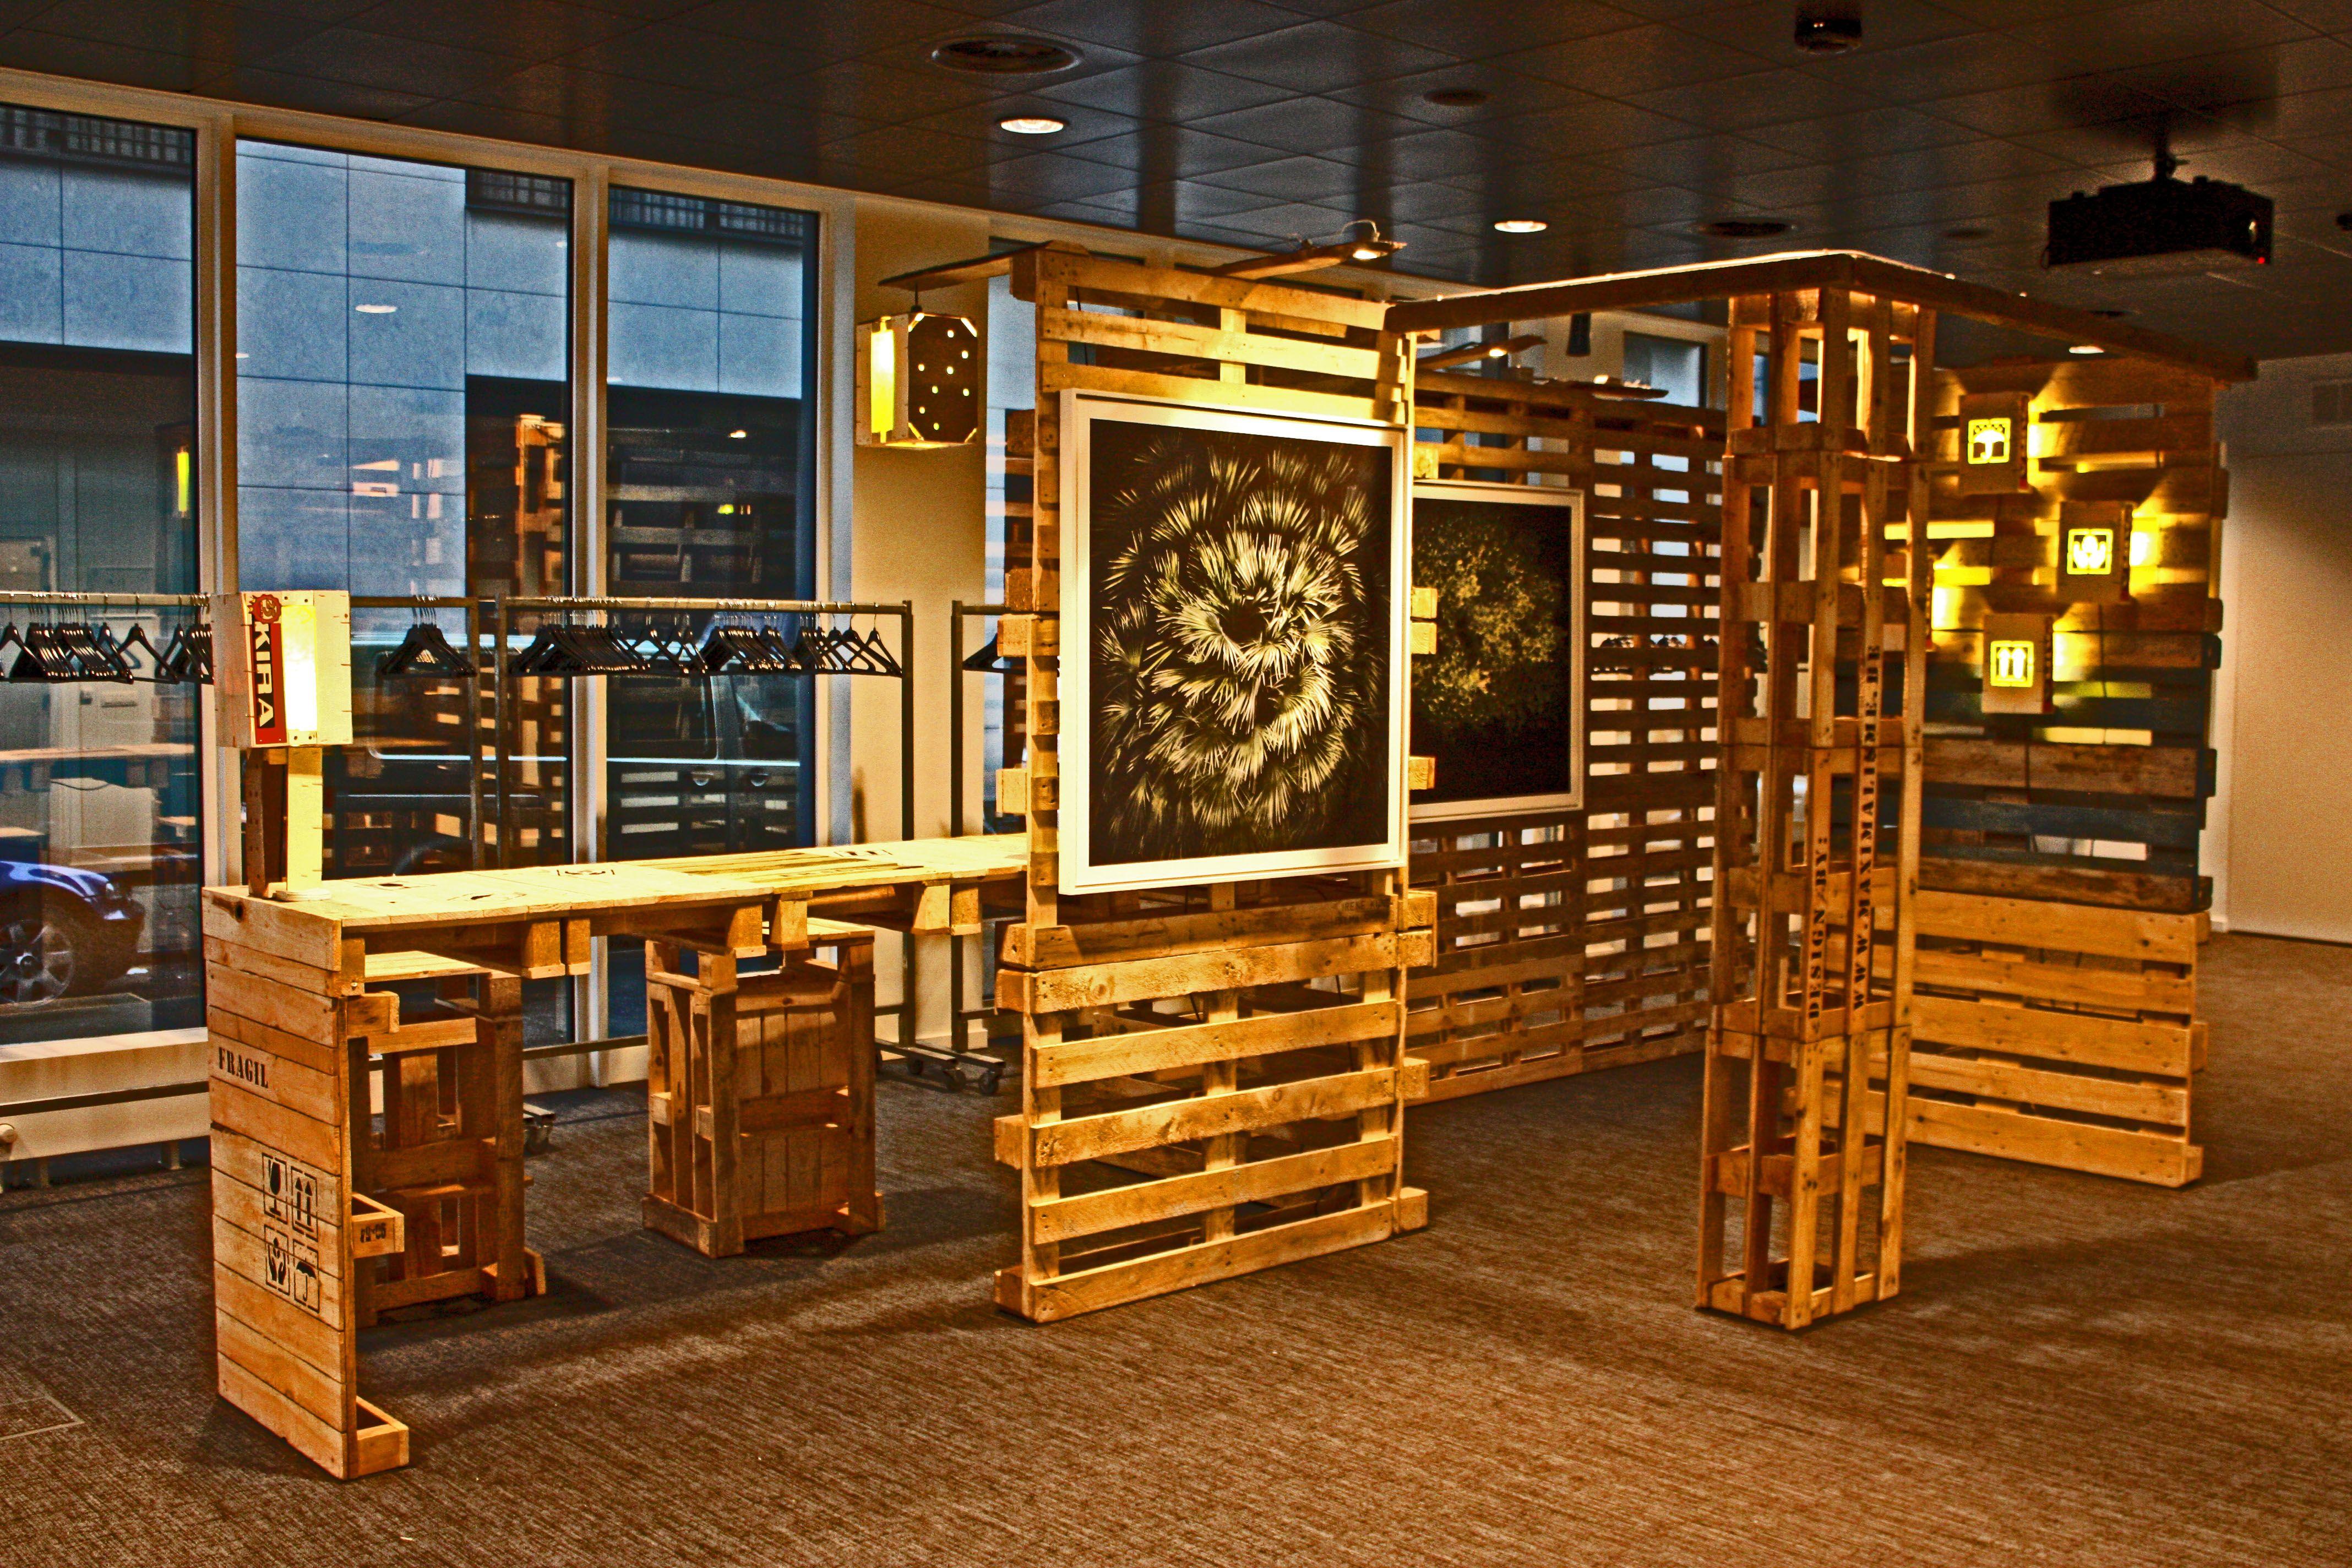 Artkitektura 1001 formas de reciclar tarimas pallets - Reciclar muebles de madera ...